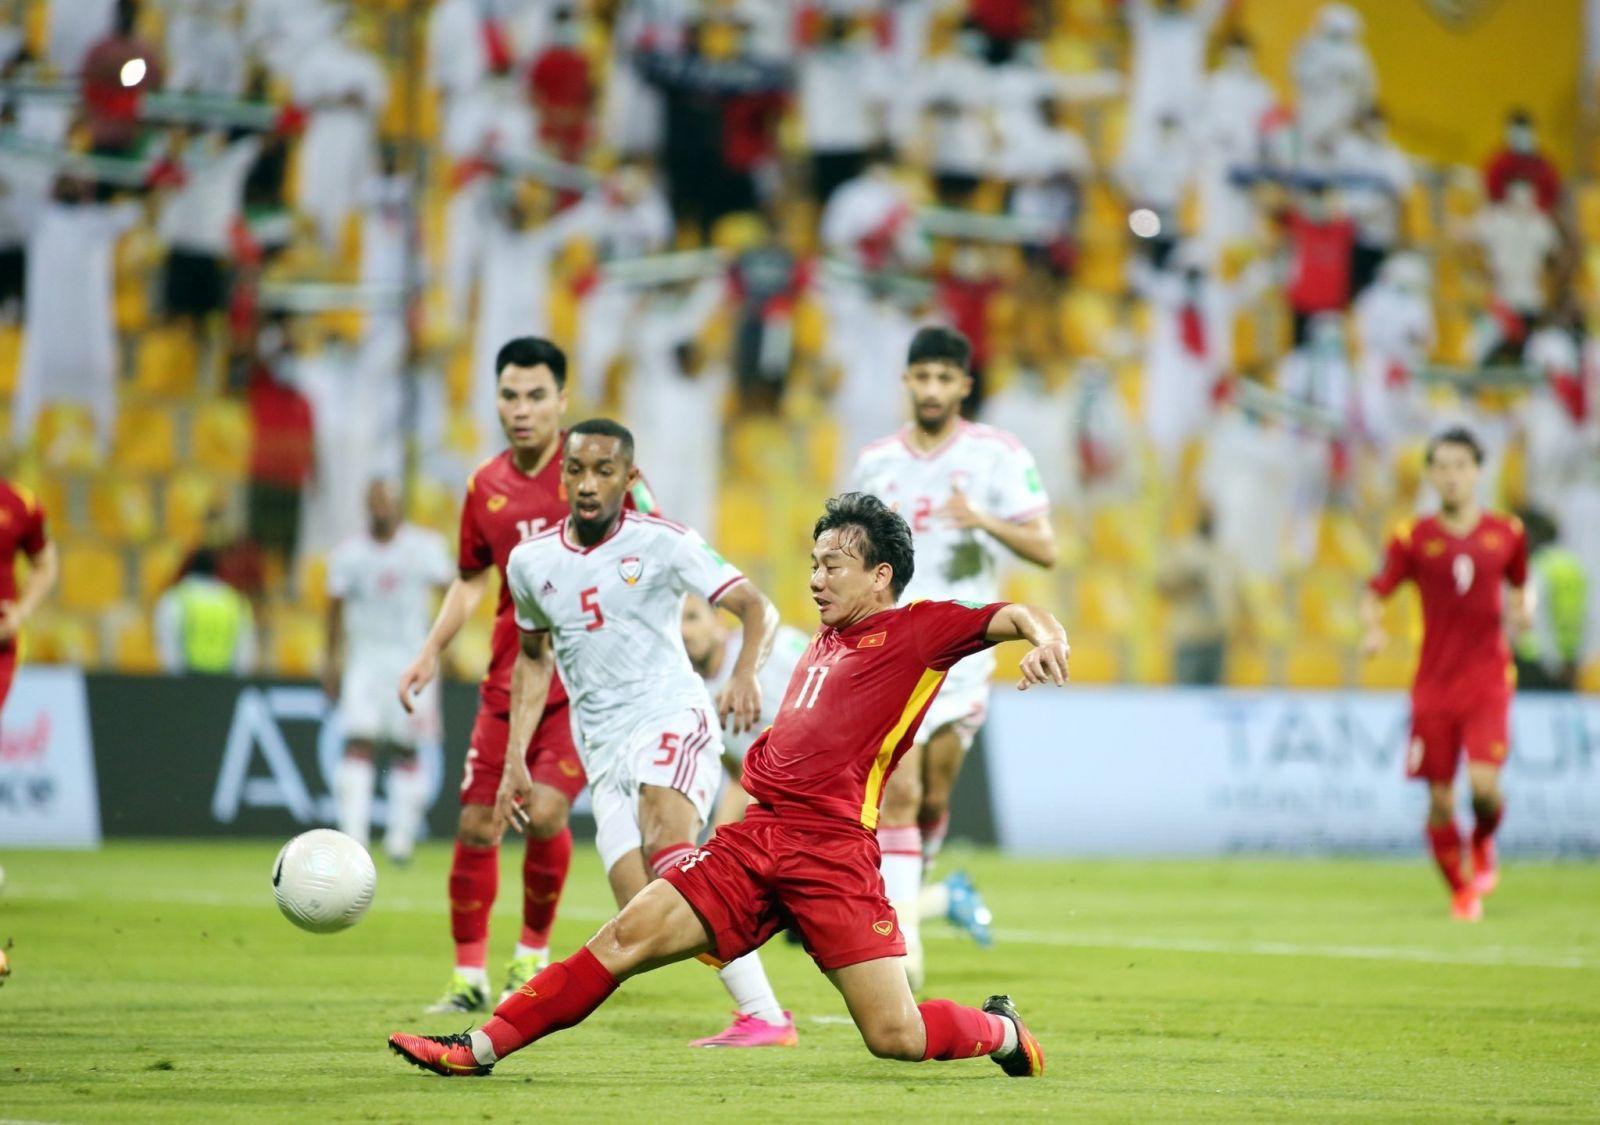 Cầu thủ Minh Vương ghi bàn vào lưới UAE tại vòng loại 2 World Cup 2022 (Ảnh: 24h.com.vn)